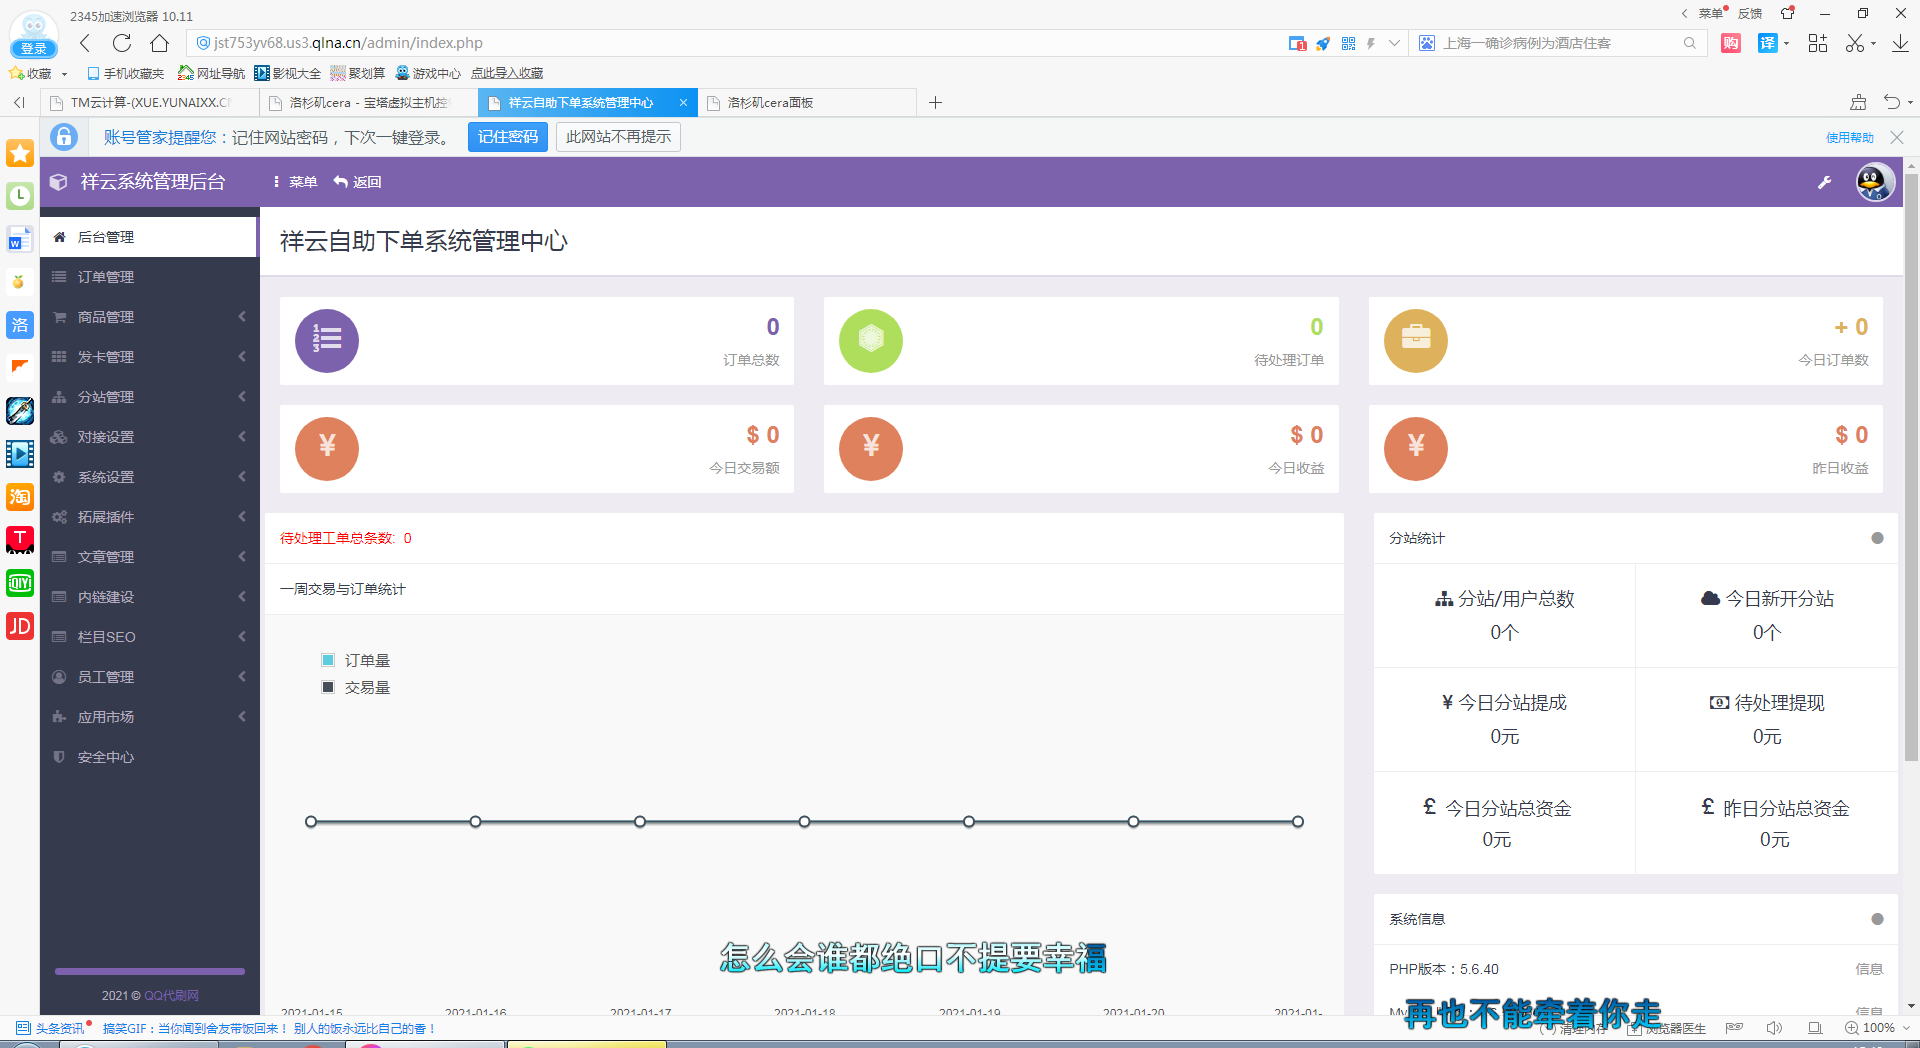 祥云代刷网新版源码+修复QQ登录+修复亿乐对接问题